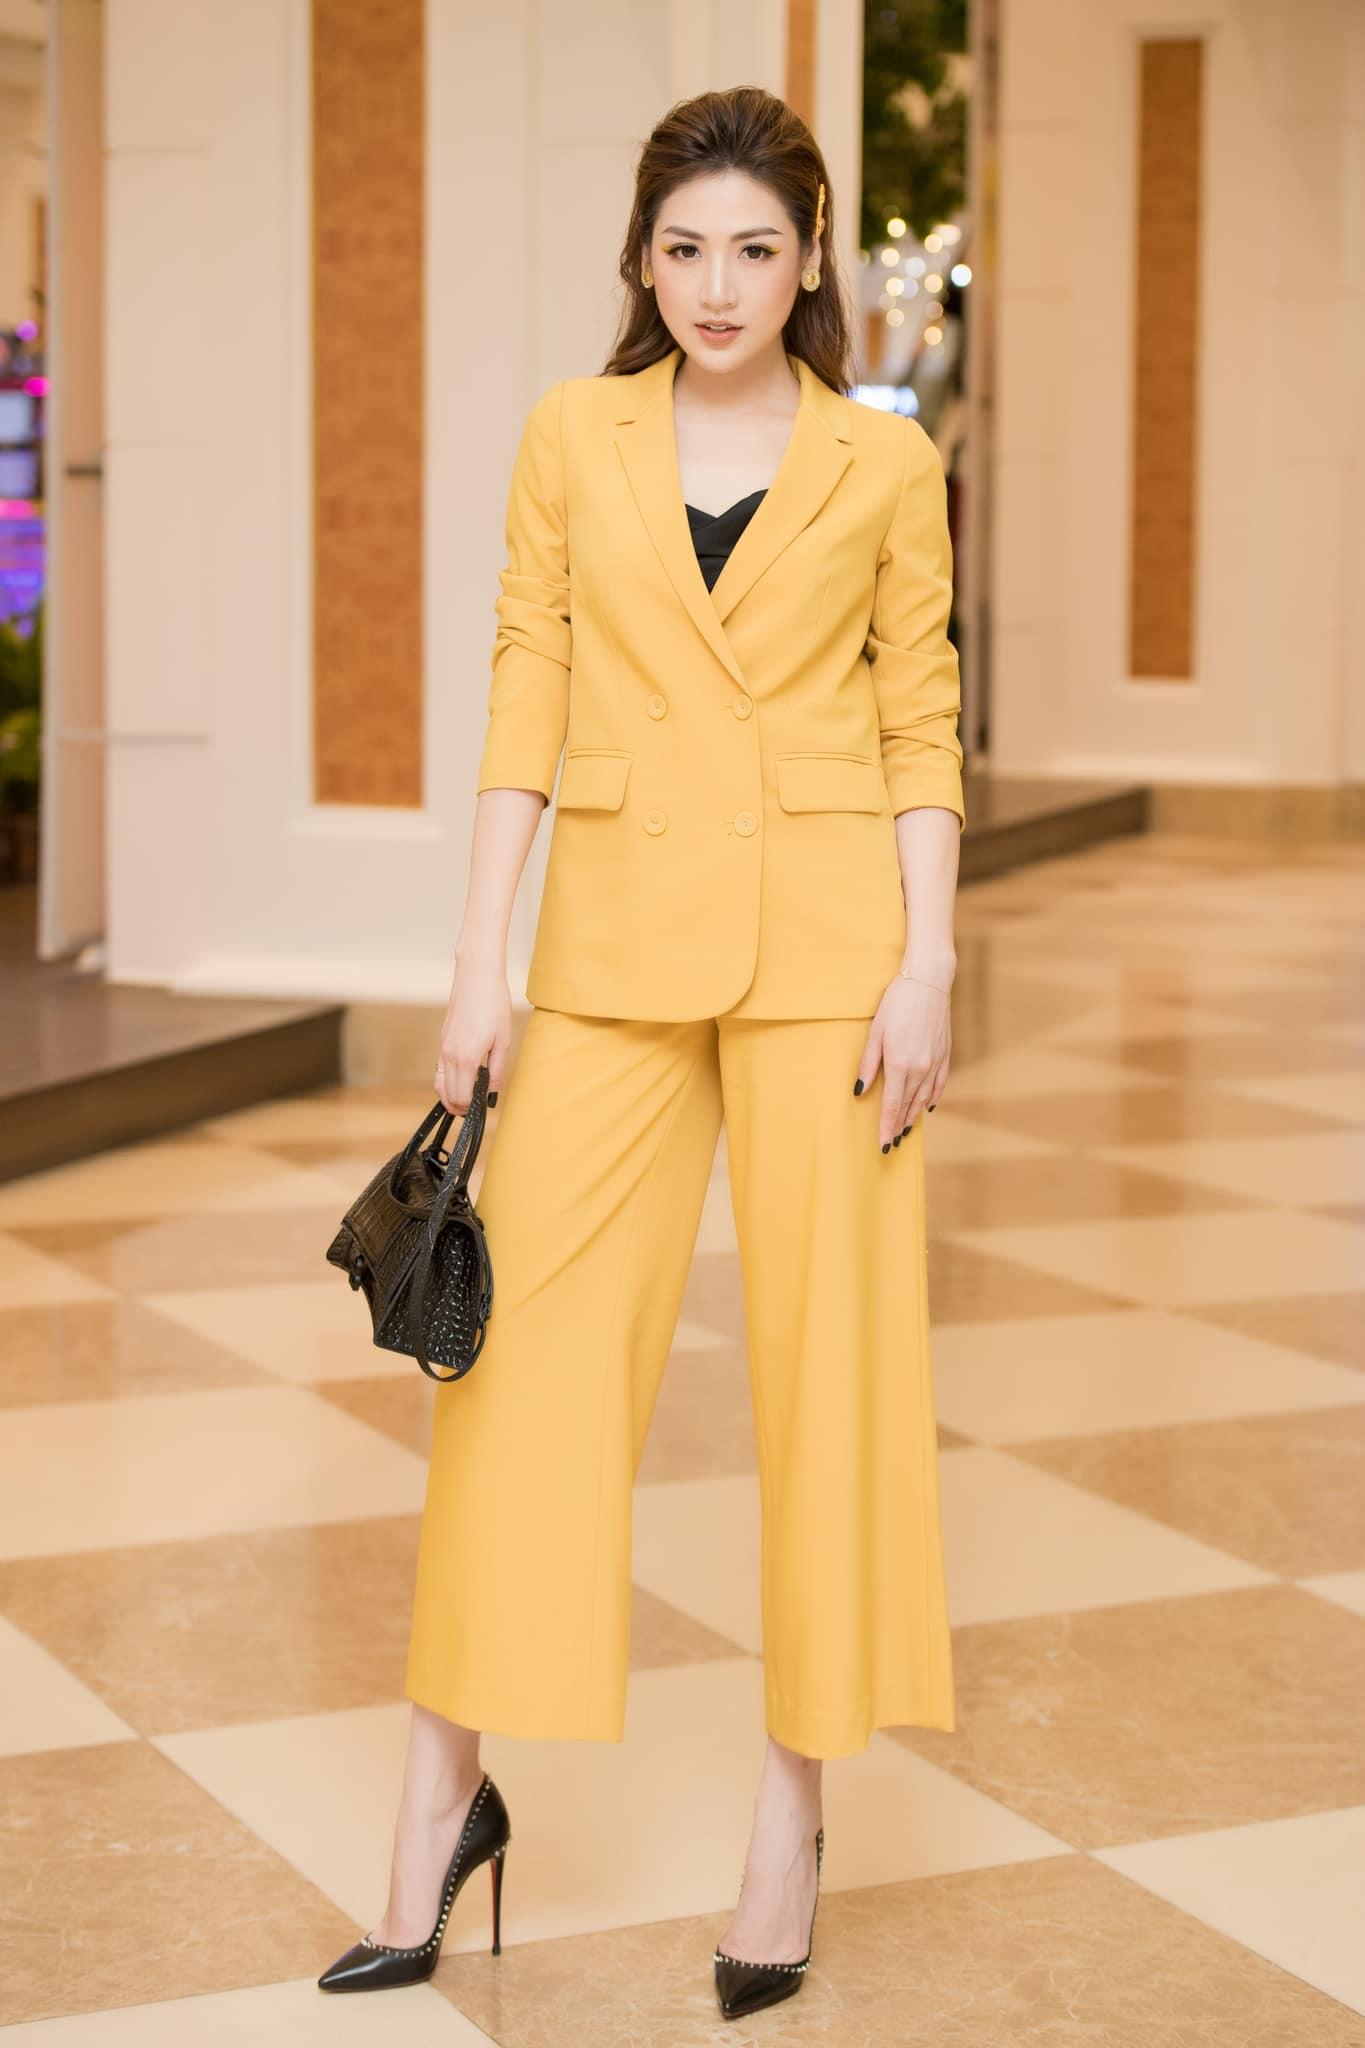 Nhìn Á hậu Tú Anh lên đồ công sở đẹp mê, chị em tăm tia ngay được 10 set siêu xinh diện đi làm - Ảnh 11.